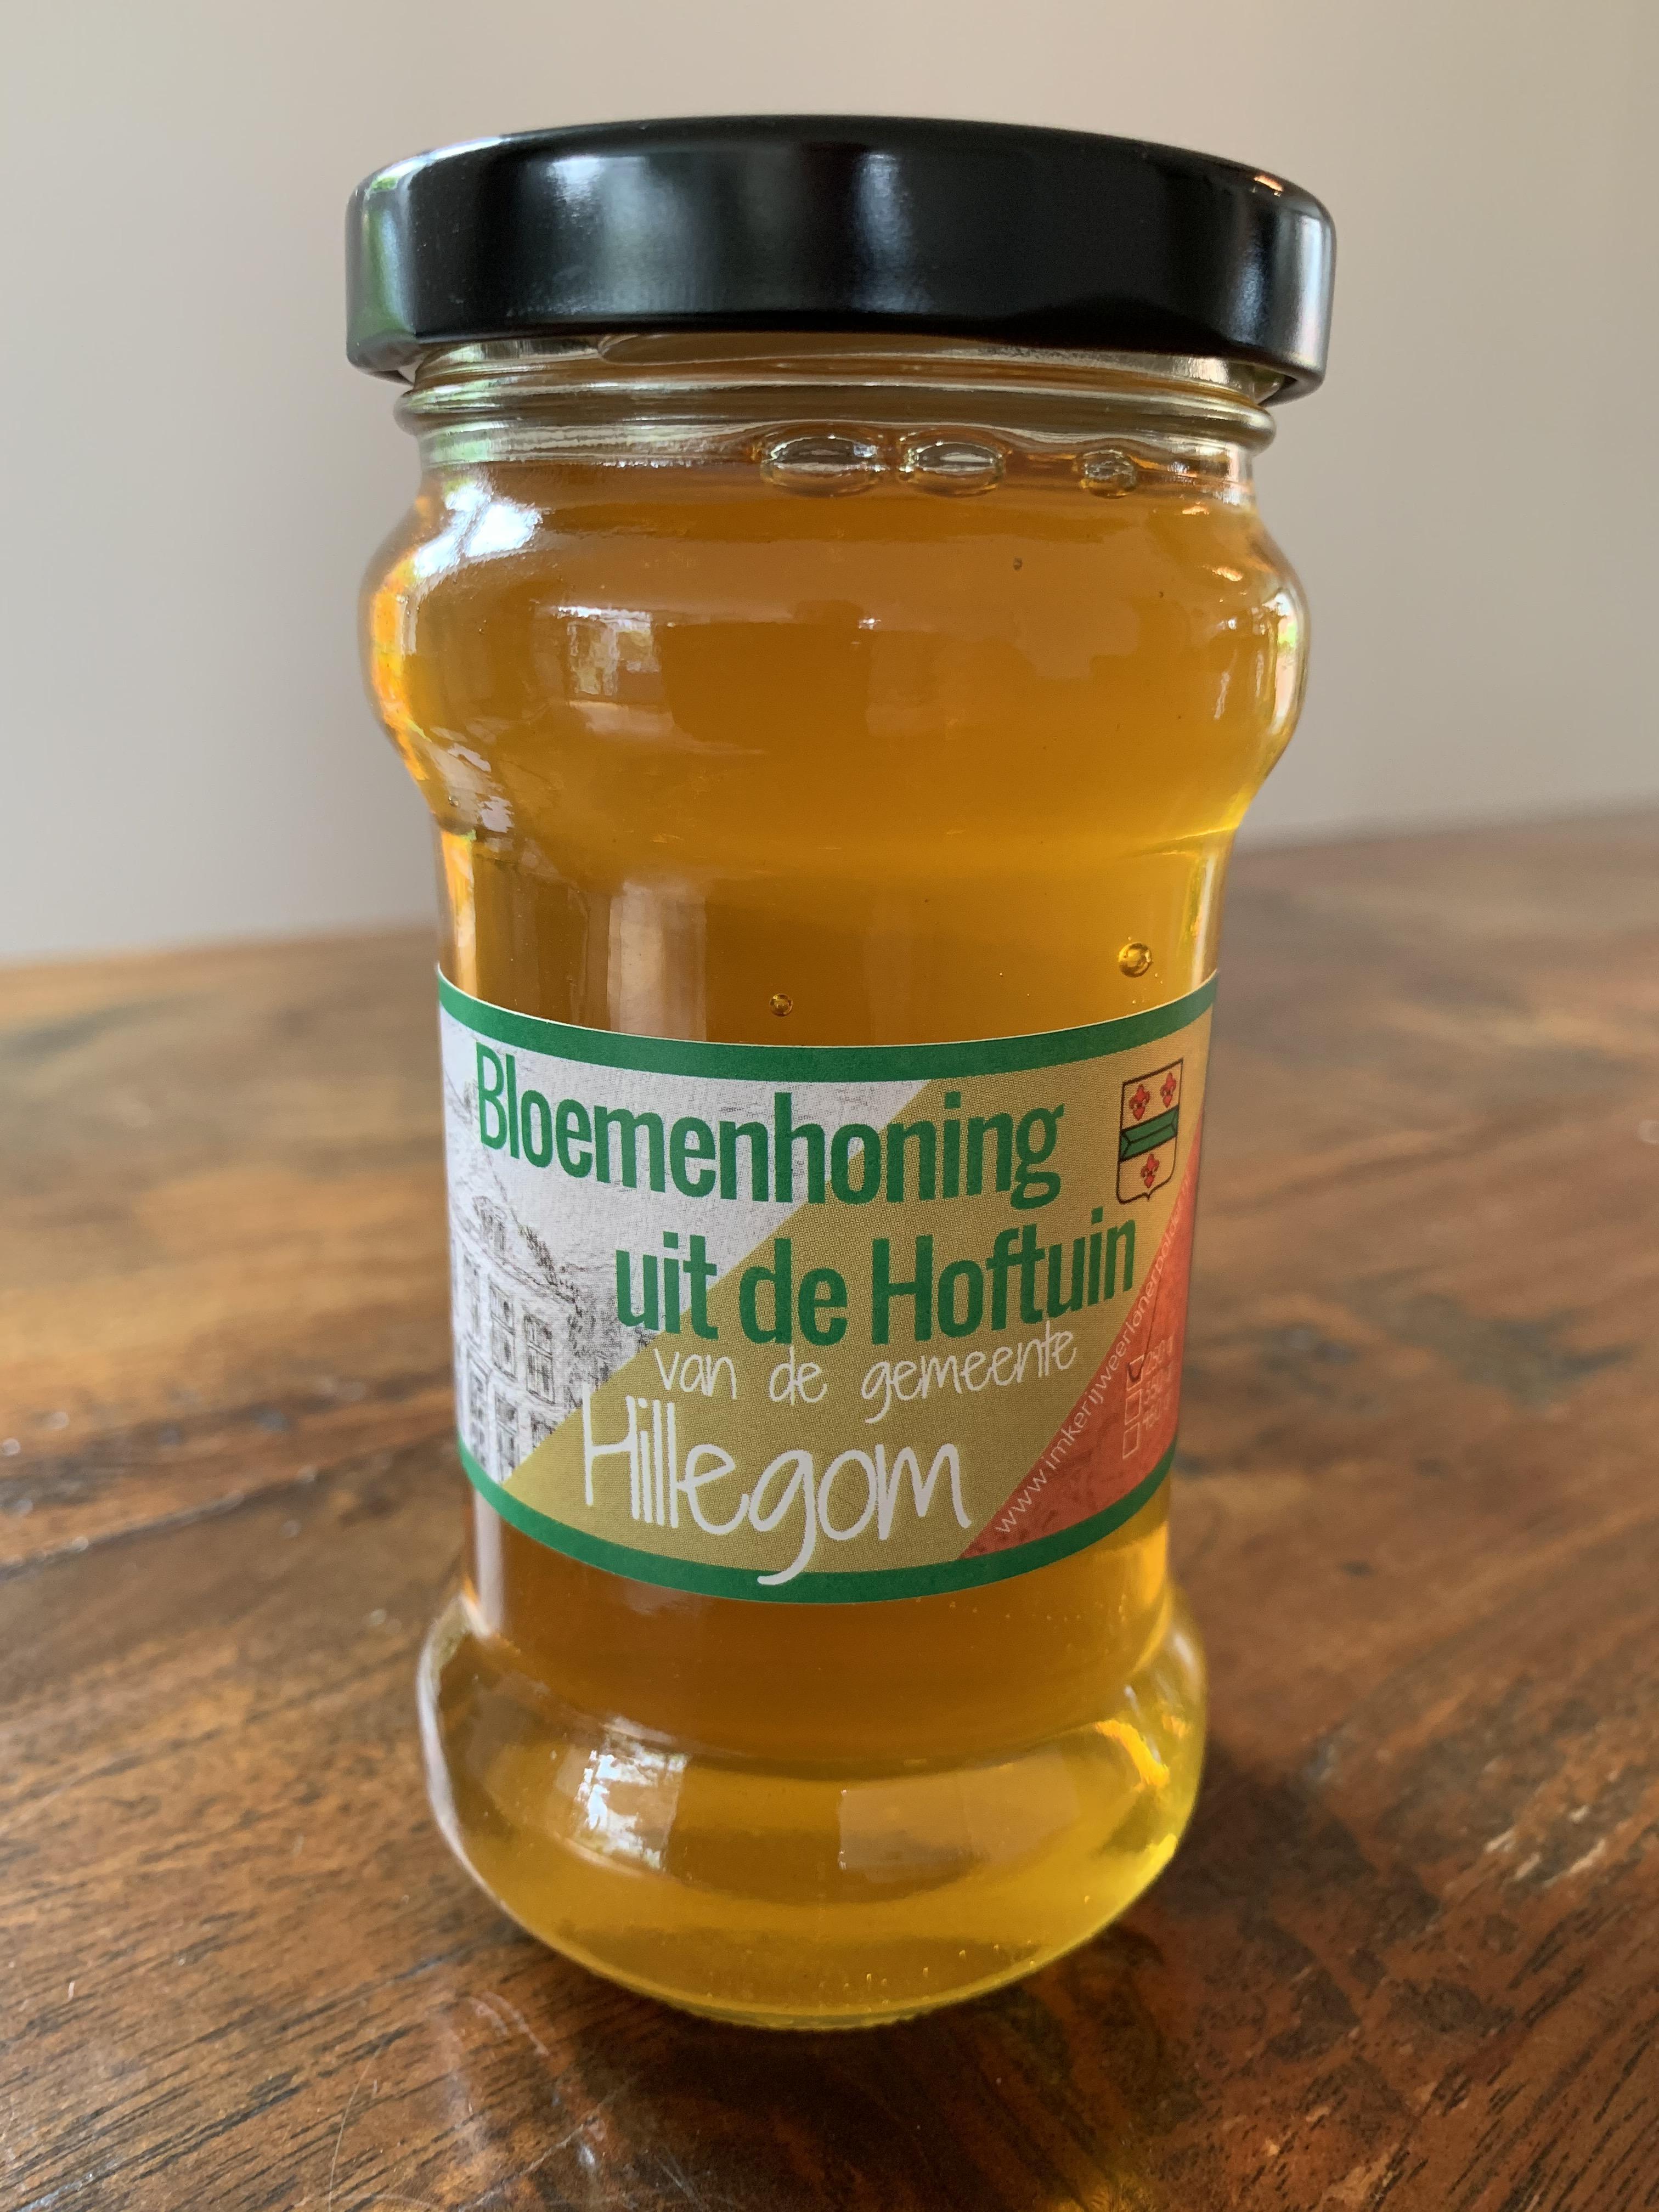 Door rokende ambtenaren verbannen bijen mogelijk snel terug in Hillegomse Hoftuin. Imker uitgenodigd voor gesprek na wettelijk verbod rookplek